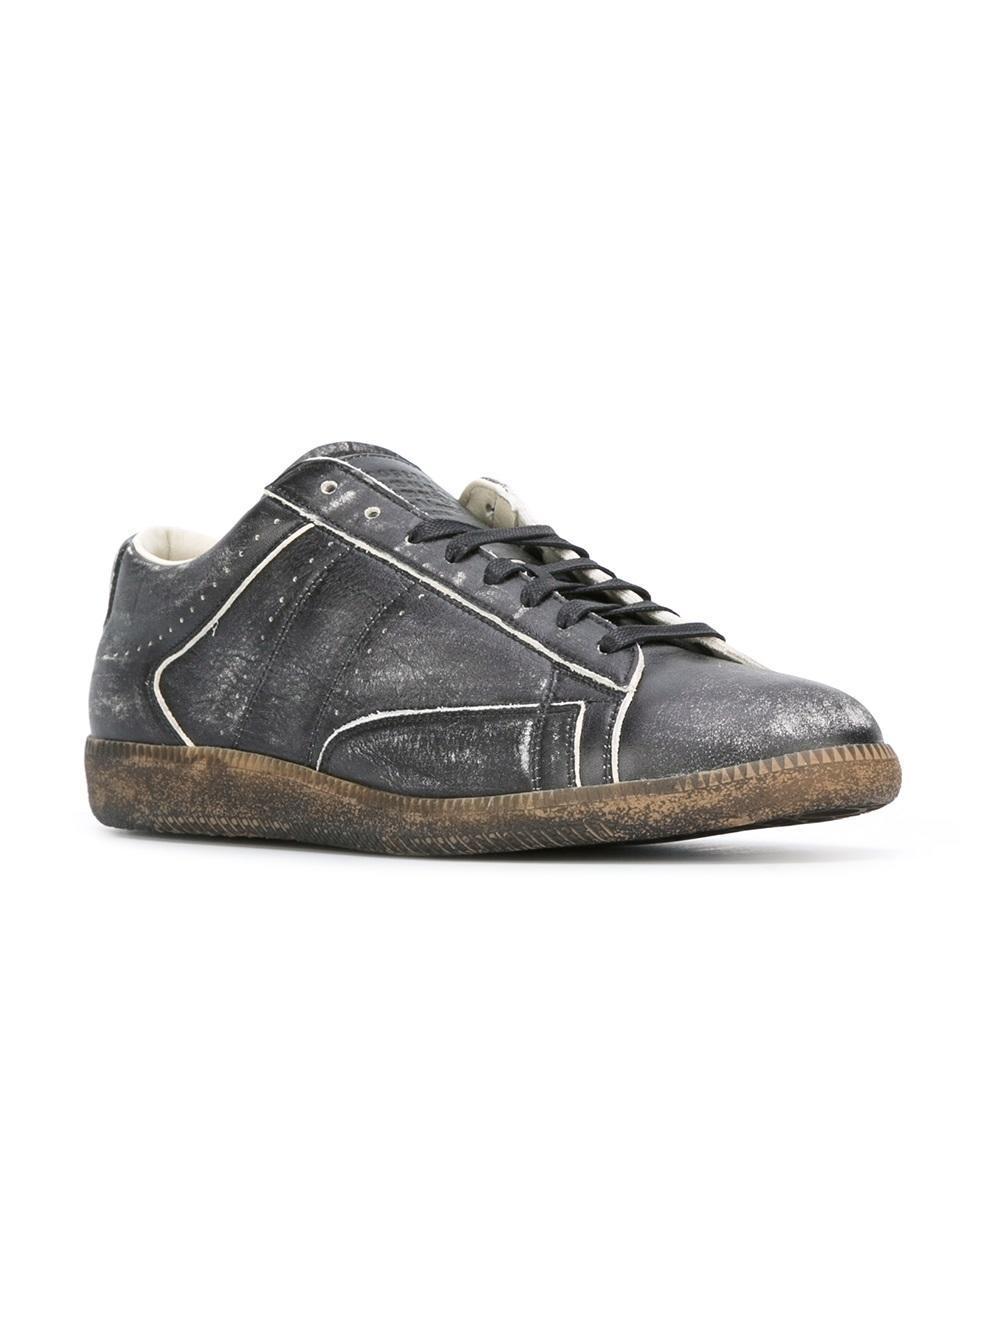 Maison margiela 'replica' Sneakers in Black for Men | Lyst